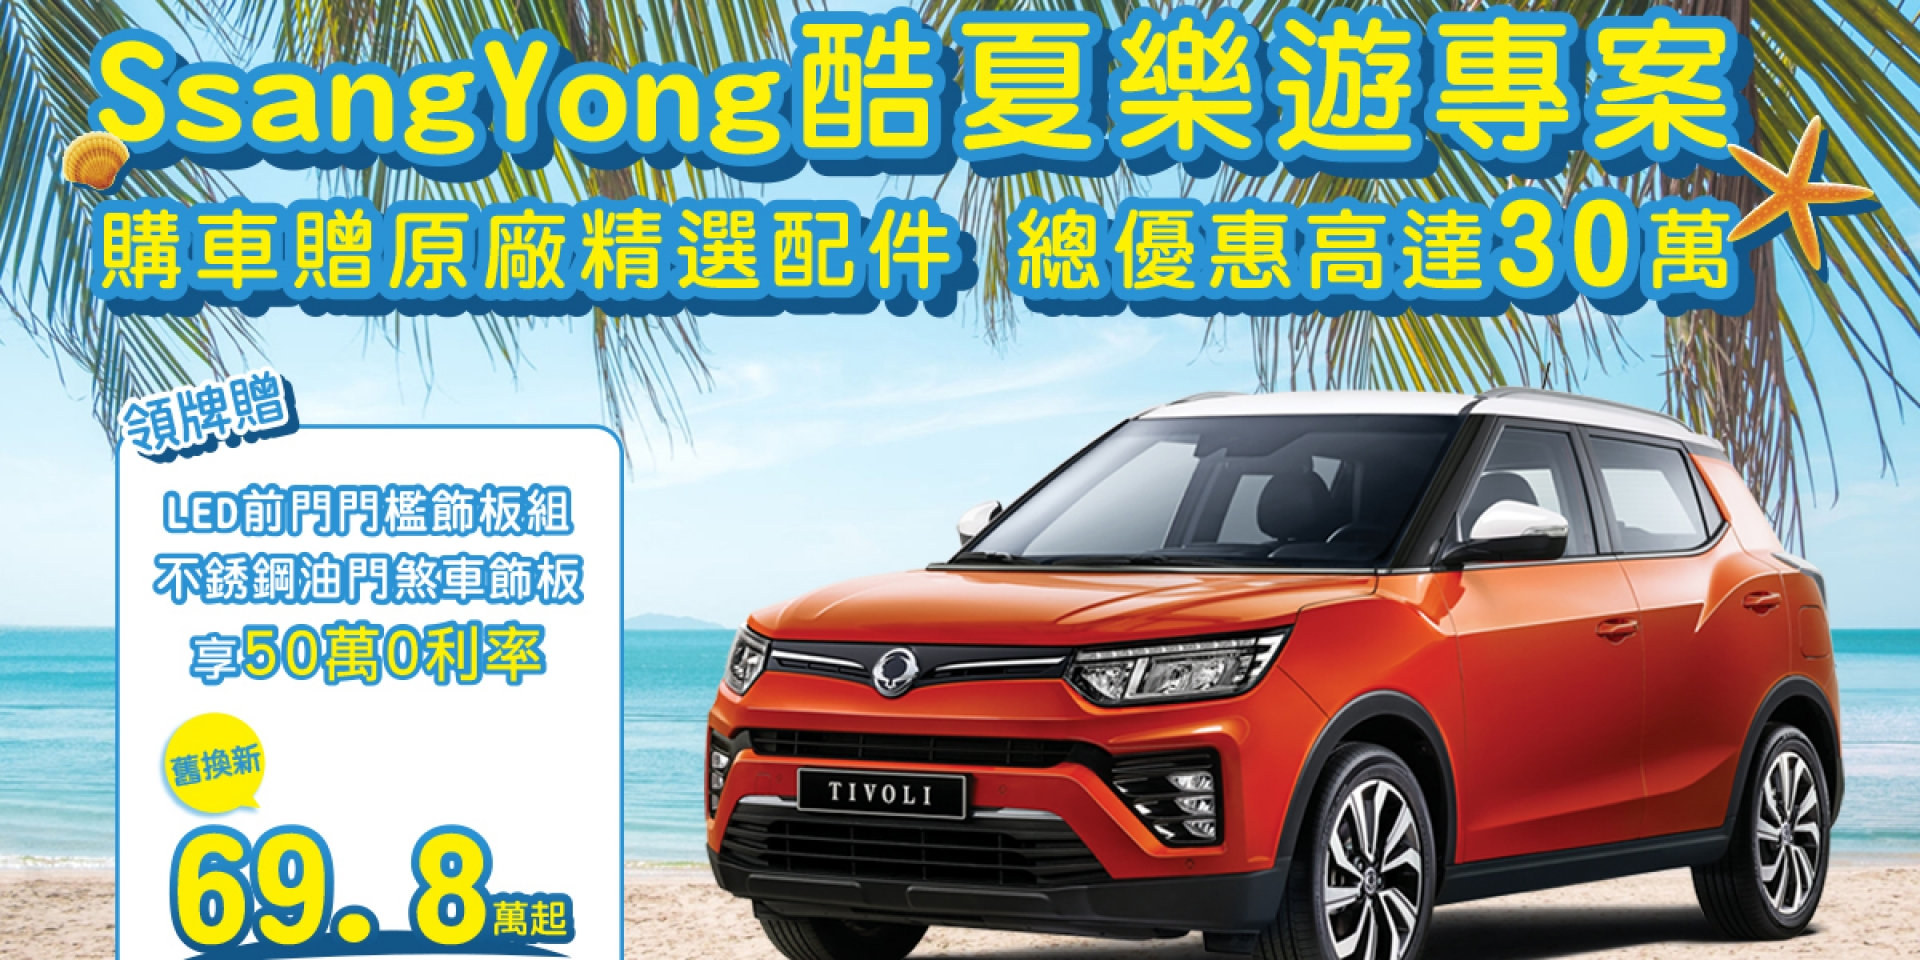 官方新聞稿。SsangYong雙龍汽車「酷夏樂遊專案」即刻展開。試乘、購車送好禮,全車系總優惠高達30萬!